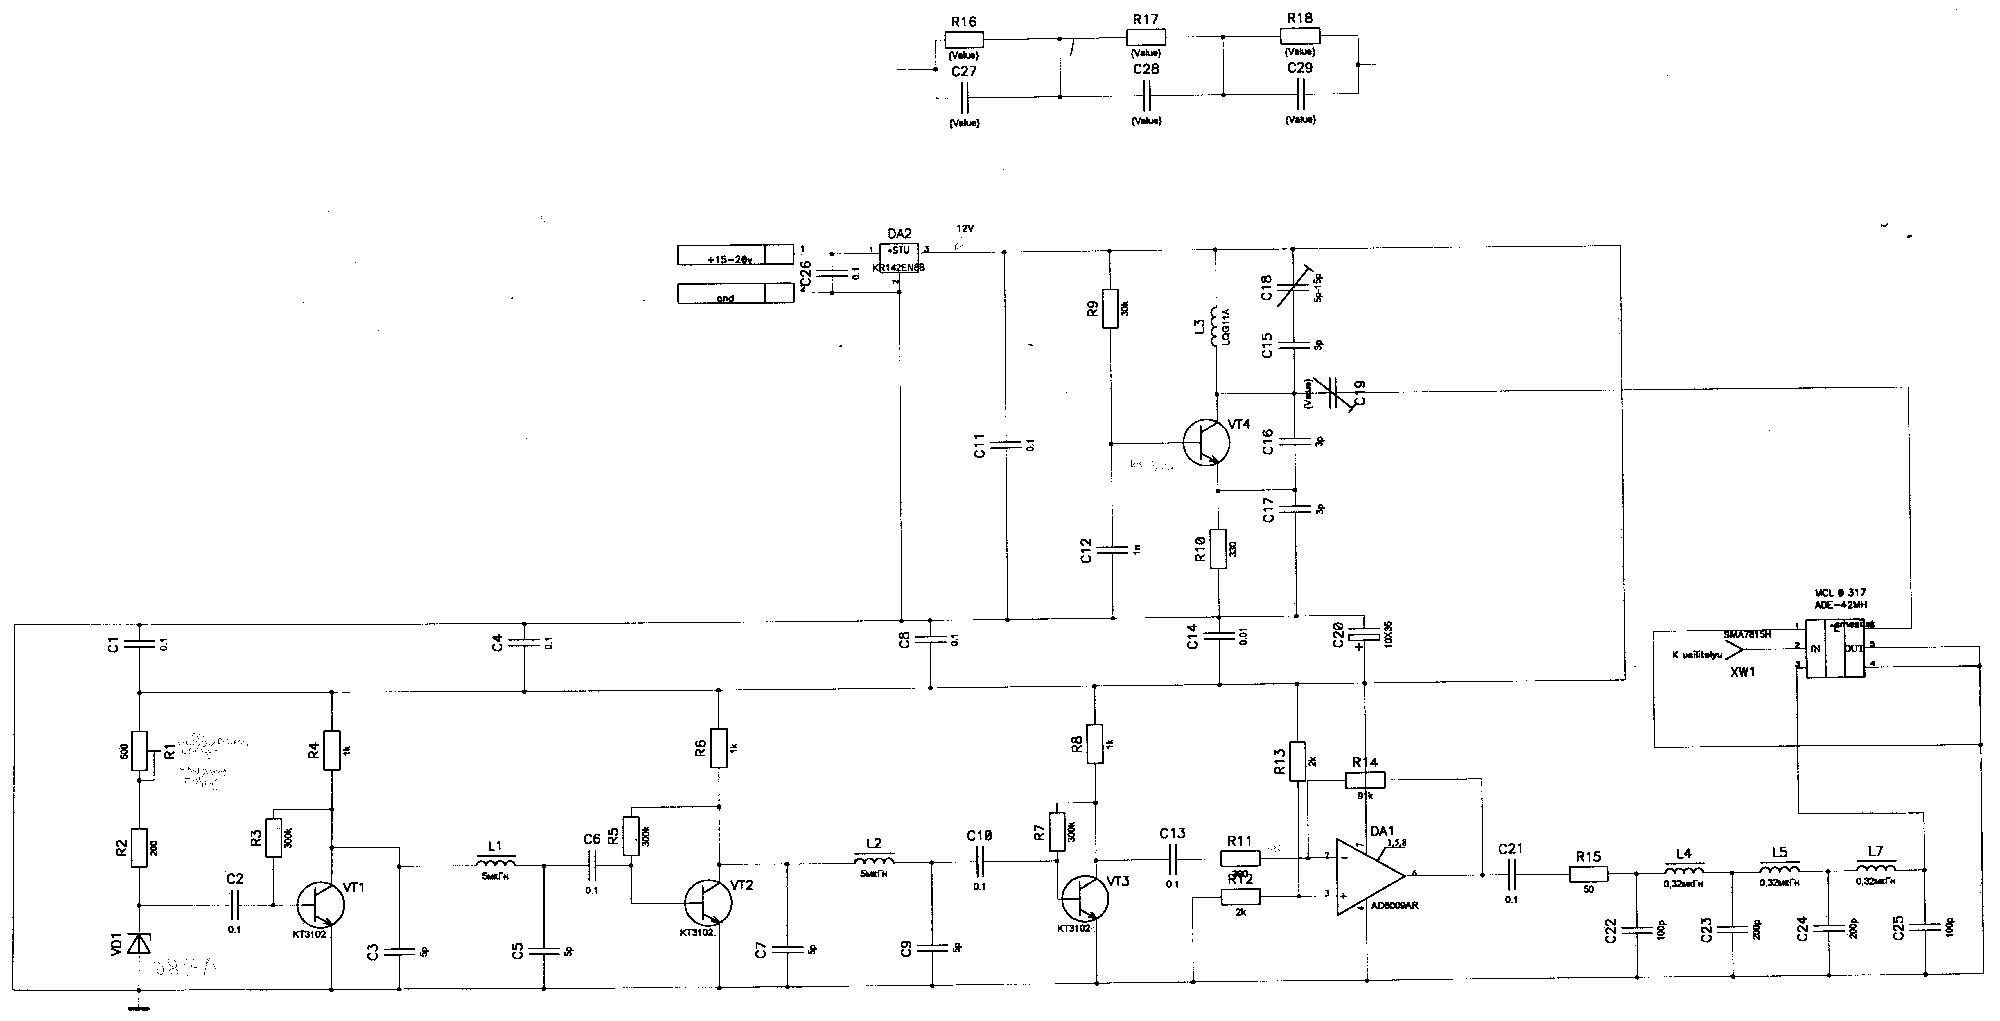 Схема глушилки GSM-сигнала может выглядеть так